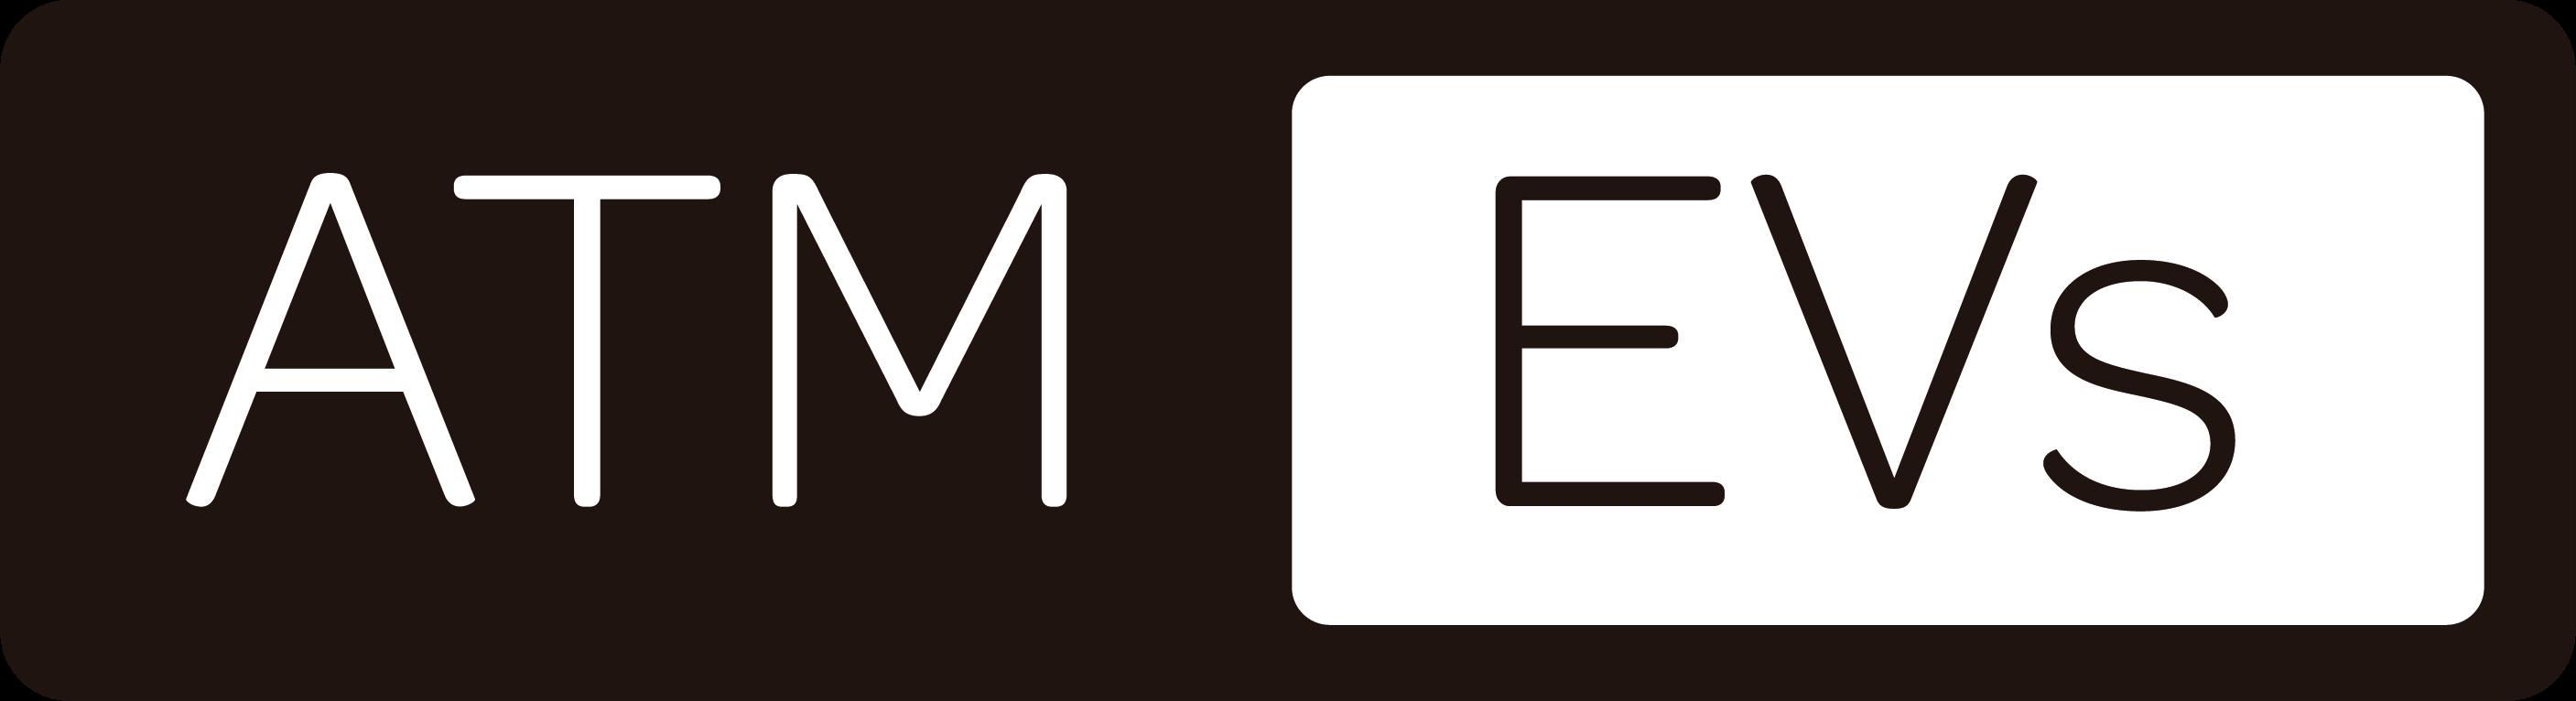 ATM EVS